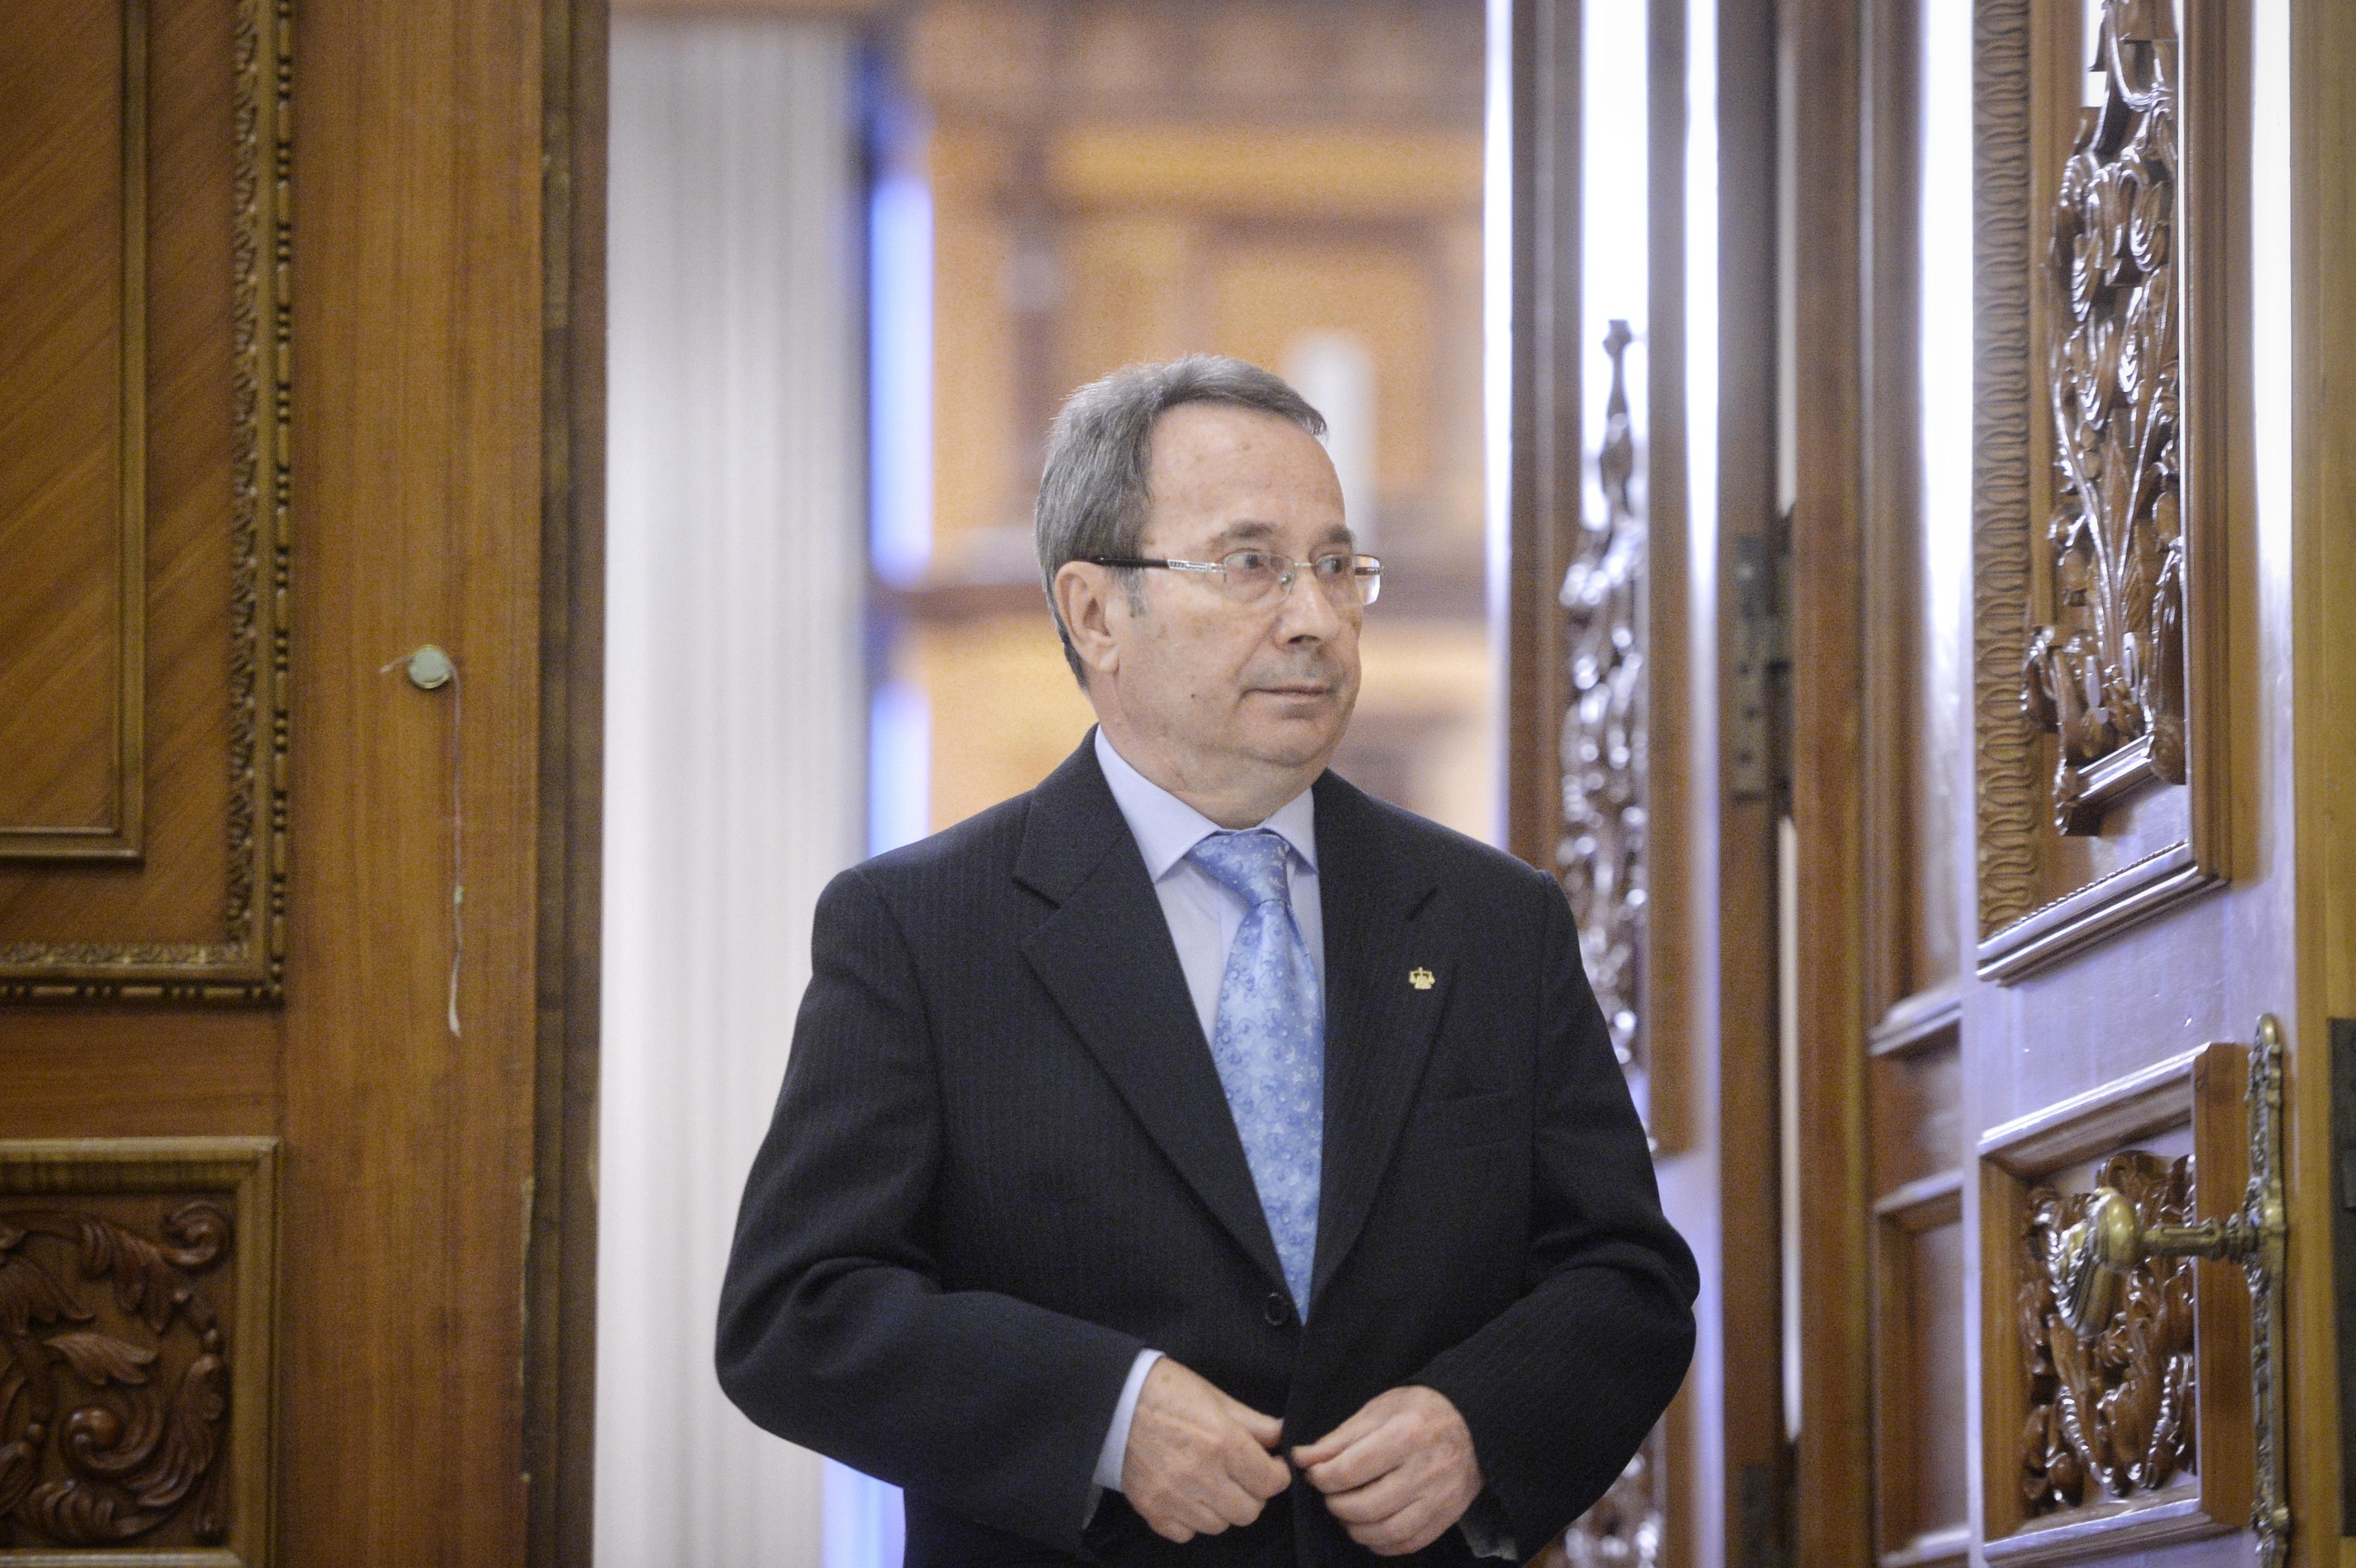 Motivarea CCR după decizia CJUE: SIIJ este opţiunea Parlamentului României, Constituţia are supremaţie în raport cu dreptul internaţional, MCV nu este normă de drept european, critici la adresa CJUE